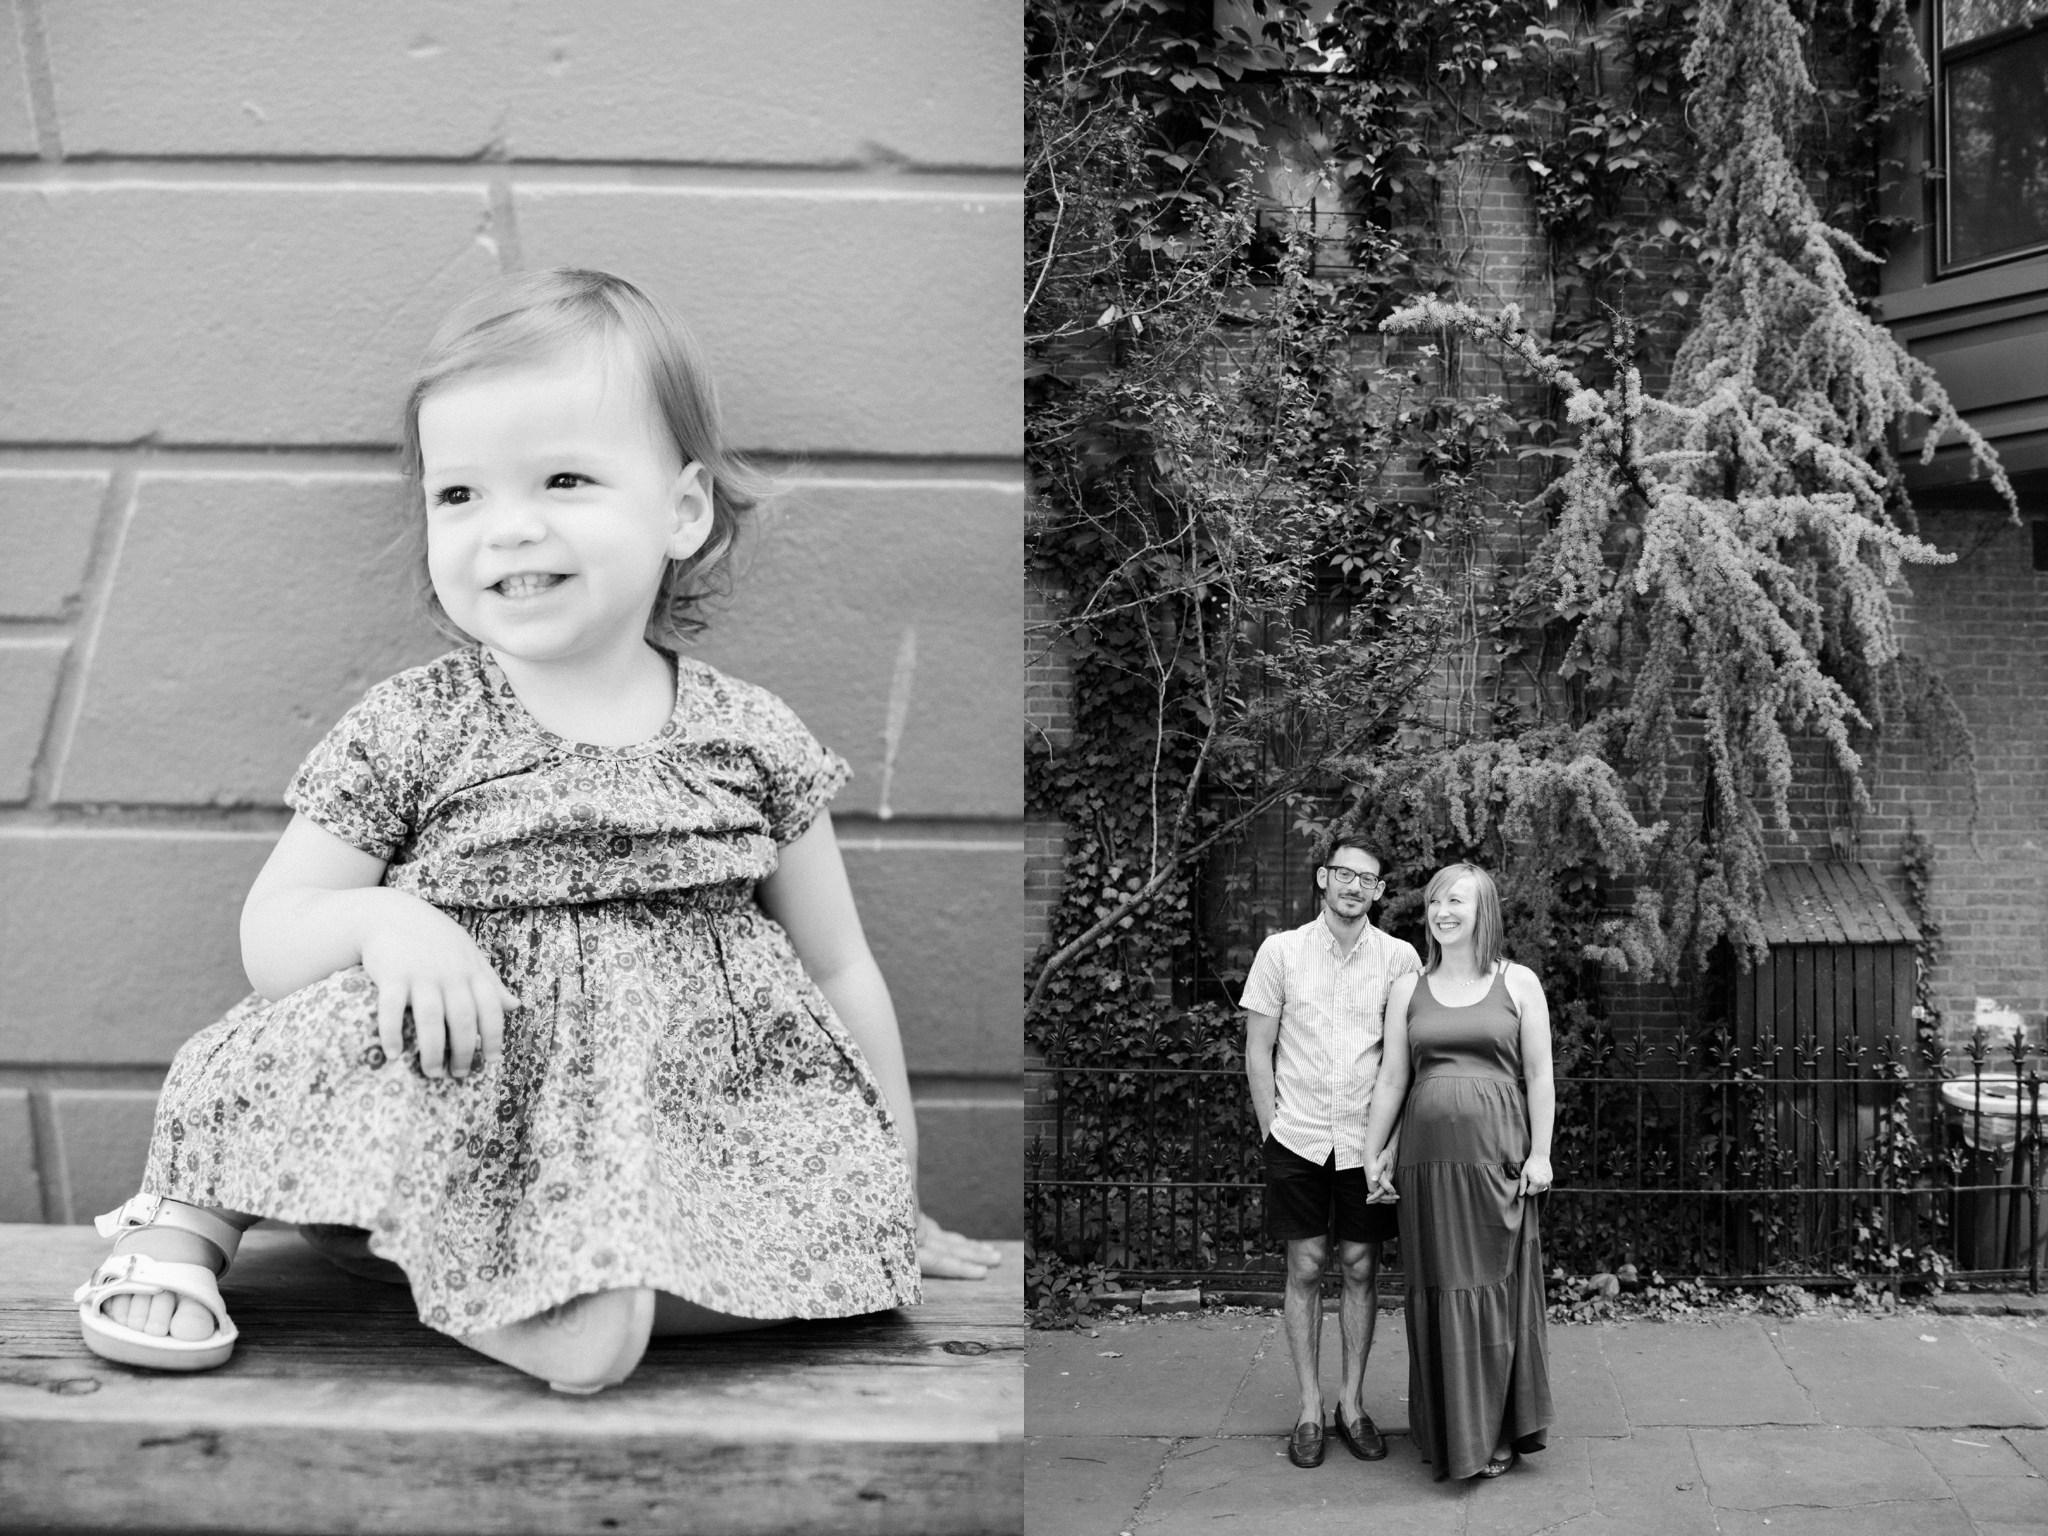 brooklyn_maternity_portraits_deborah_zoe_0002.JPG